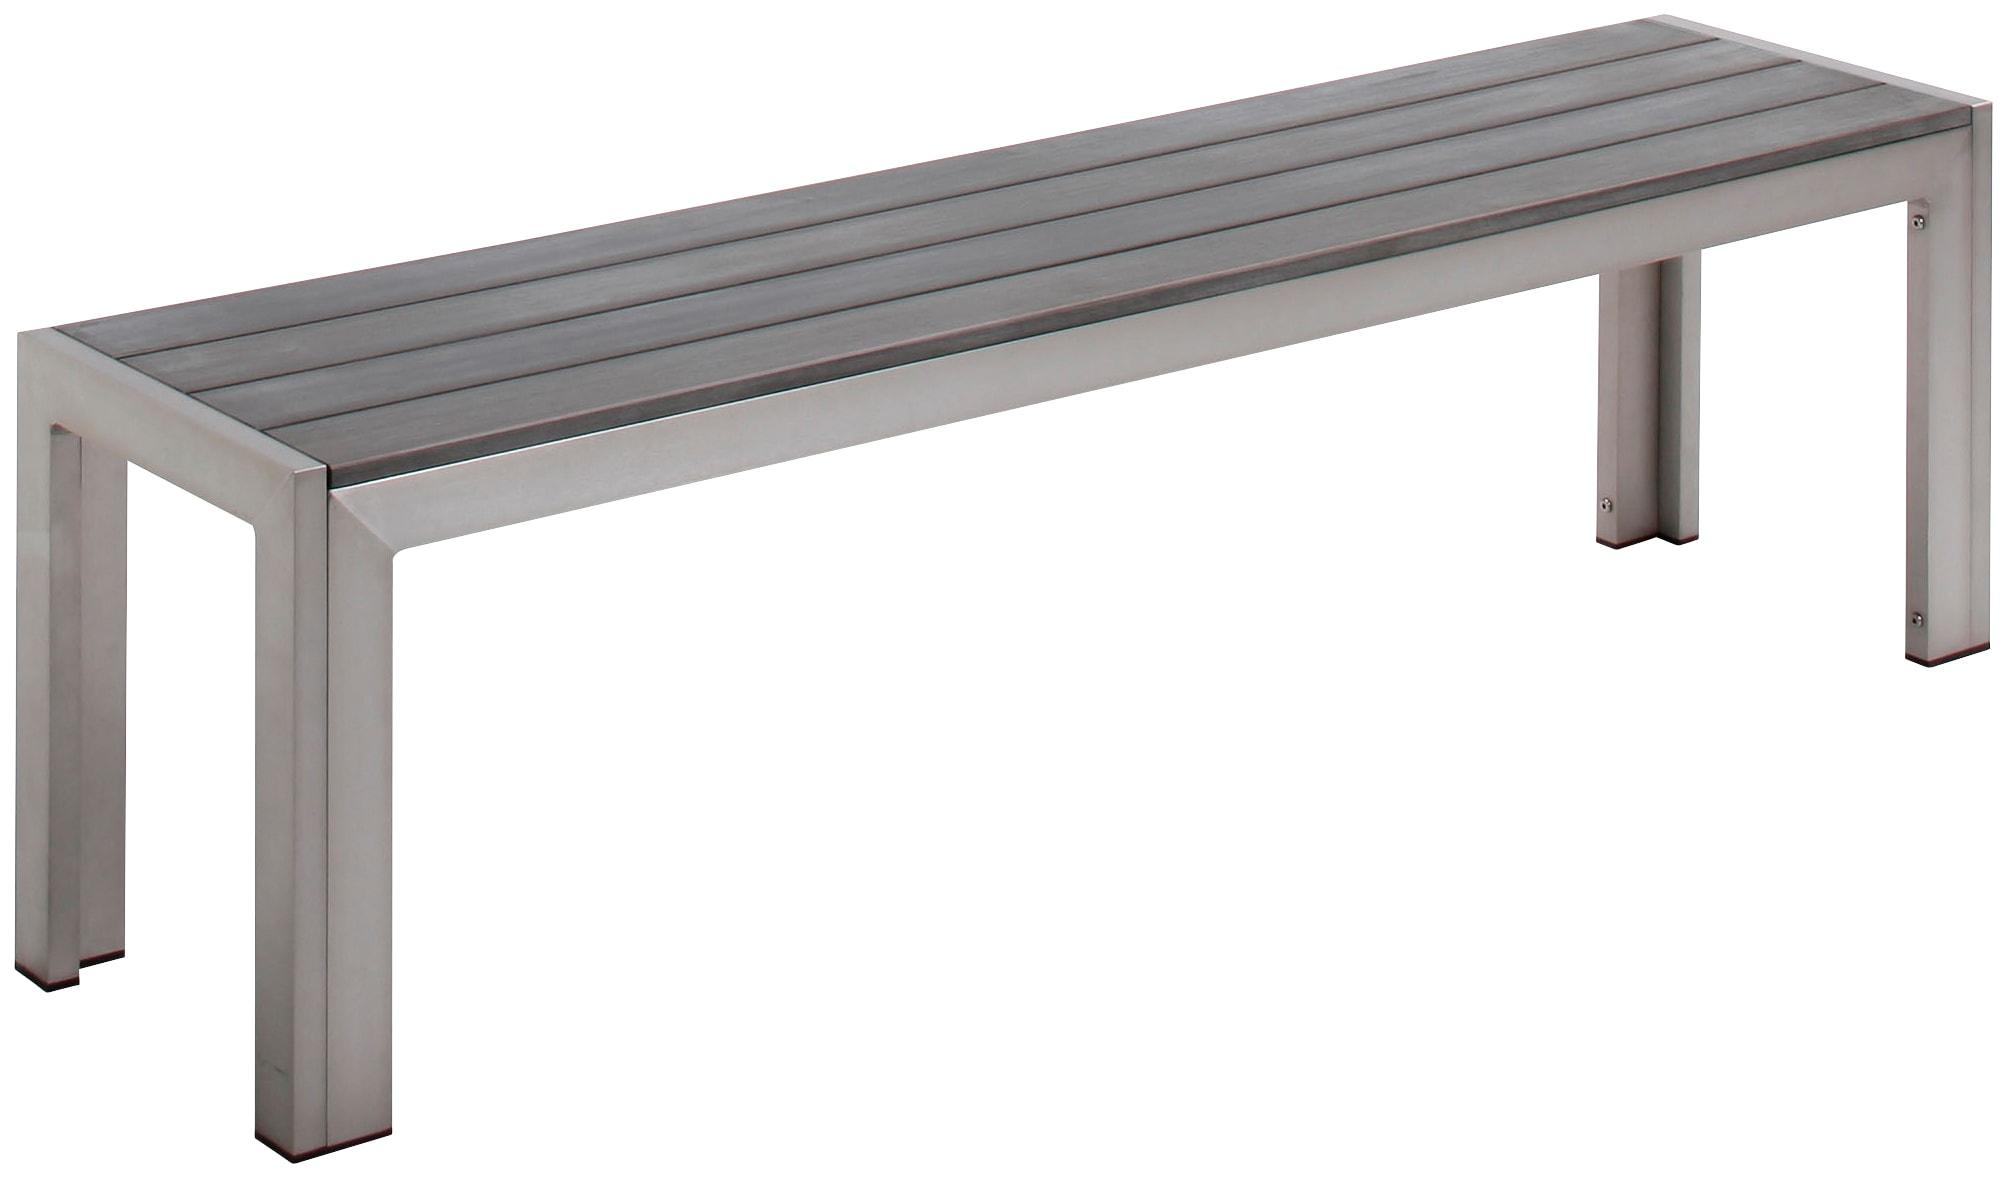 BEST Gartenbank Seattle Aluminium BxTxH: 160x34x45 cm